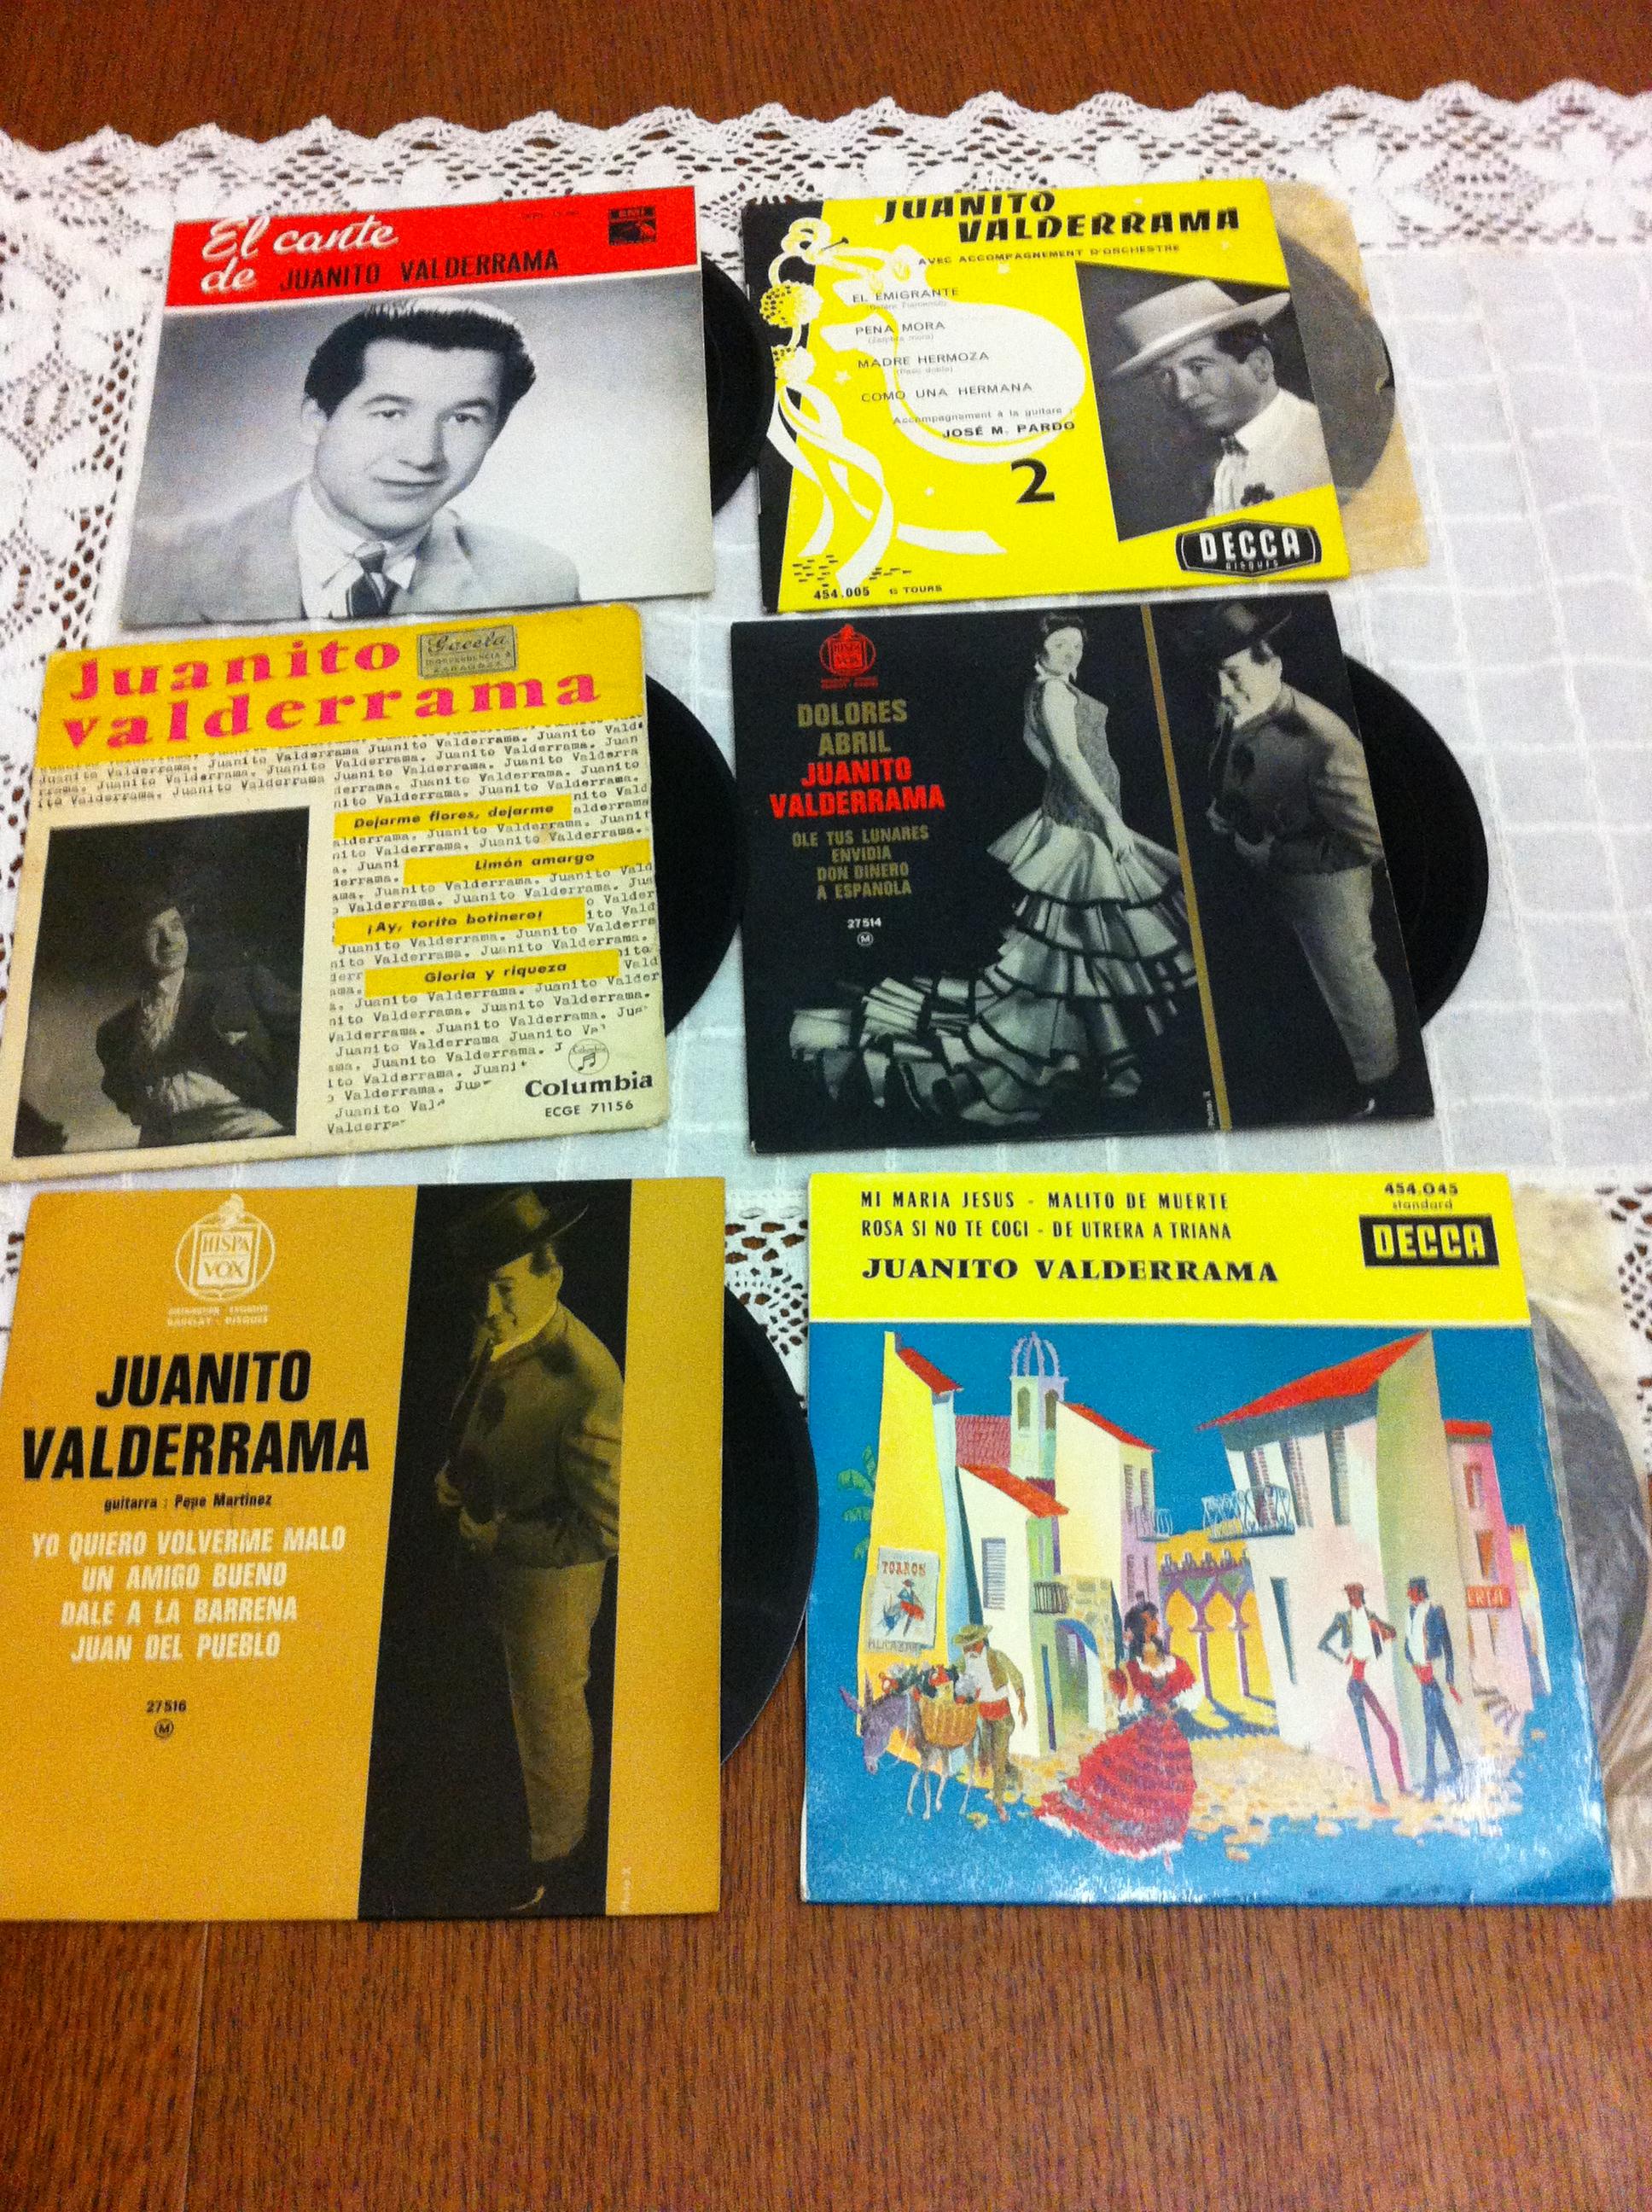 Flamenco cassette et disque vinyle   - Page 3 14022310002114950712010054